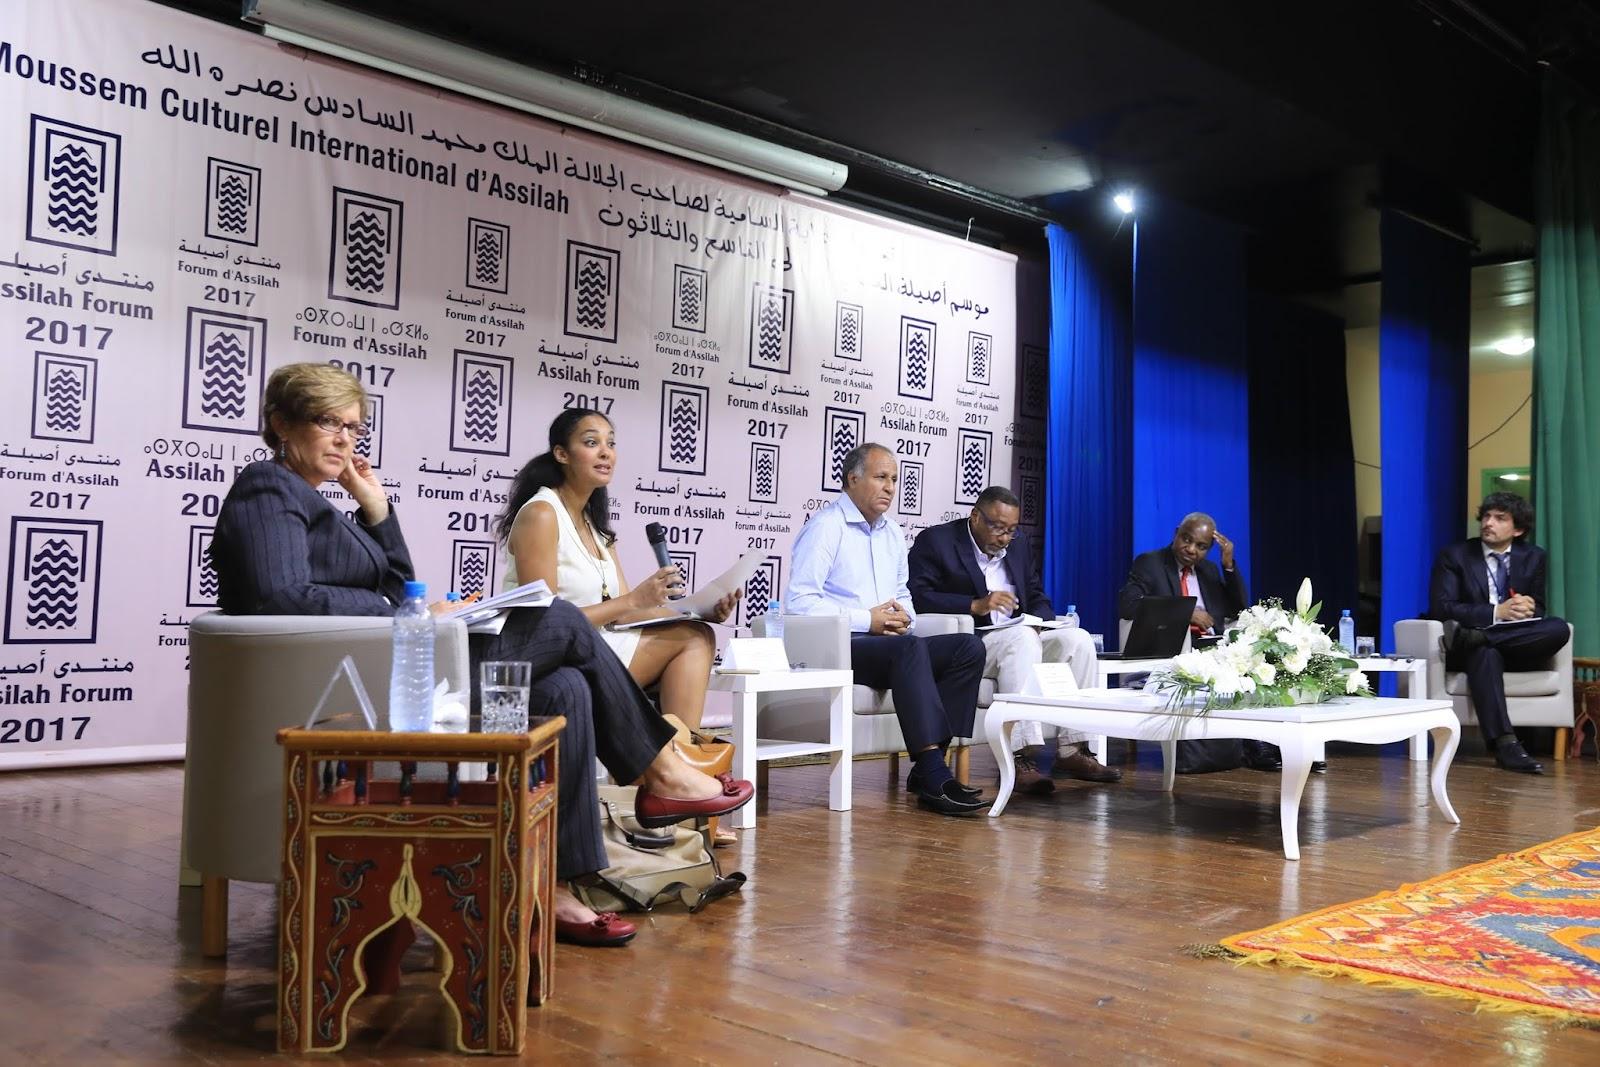 2017-07-08 صباح اليوم الثاني لندوة افريقيا والعالم اي عالم